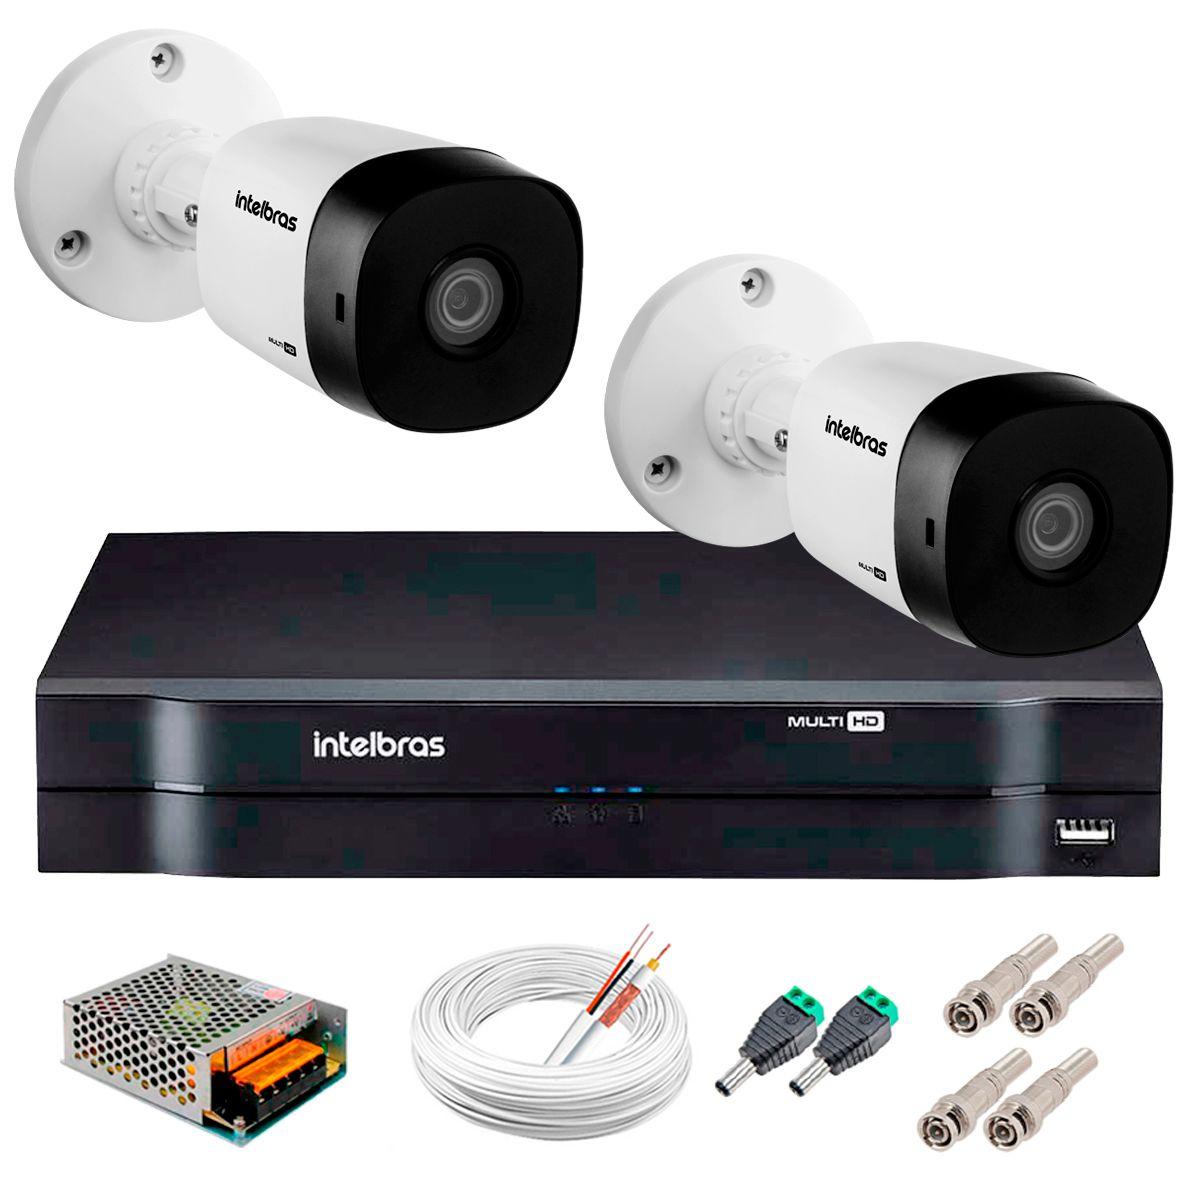 Kit 2 Câmeras VHD 3120 B G5 + DVR Intelbras + App Grátis de Monitoramento, Câmeras HD 720p 20m Infravermelho de Visão Noturna Intelbras + Fonte, Cabos e Acessórios  - Tudo Forte